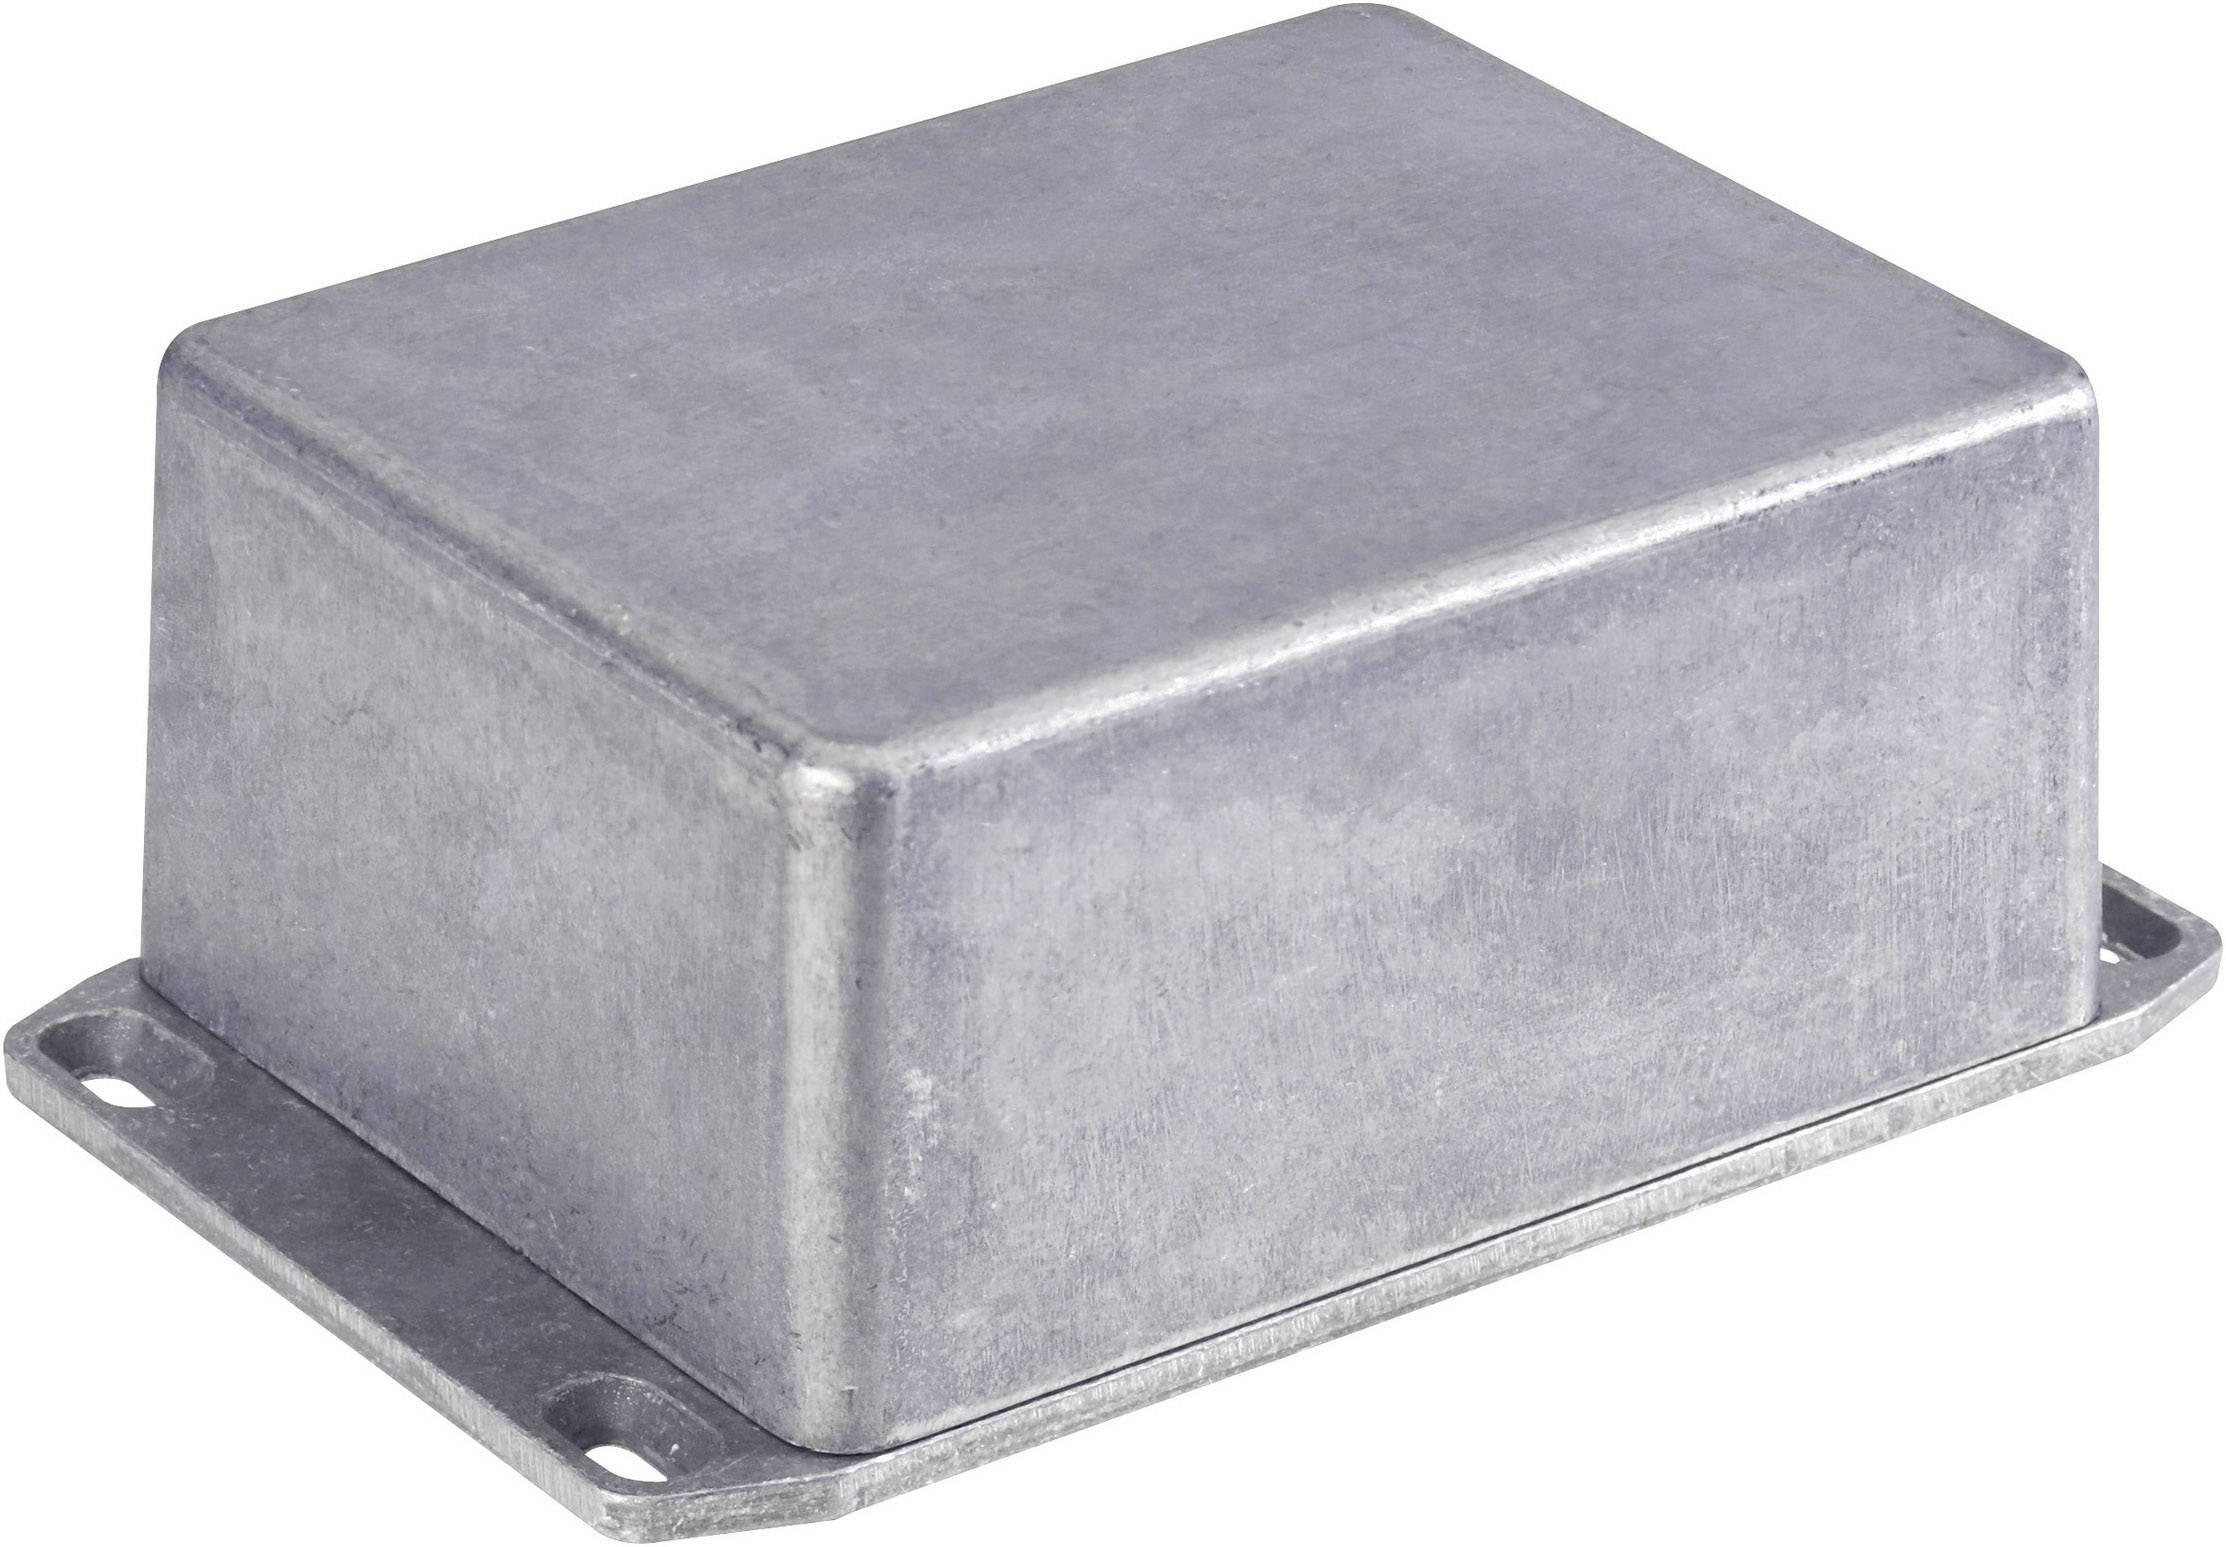 Univerzální pouzdro hliník Hammond Electronics 1590EFL 188 x 120 x 82 1 ks